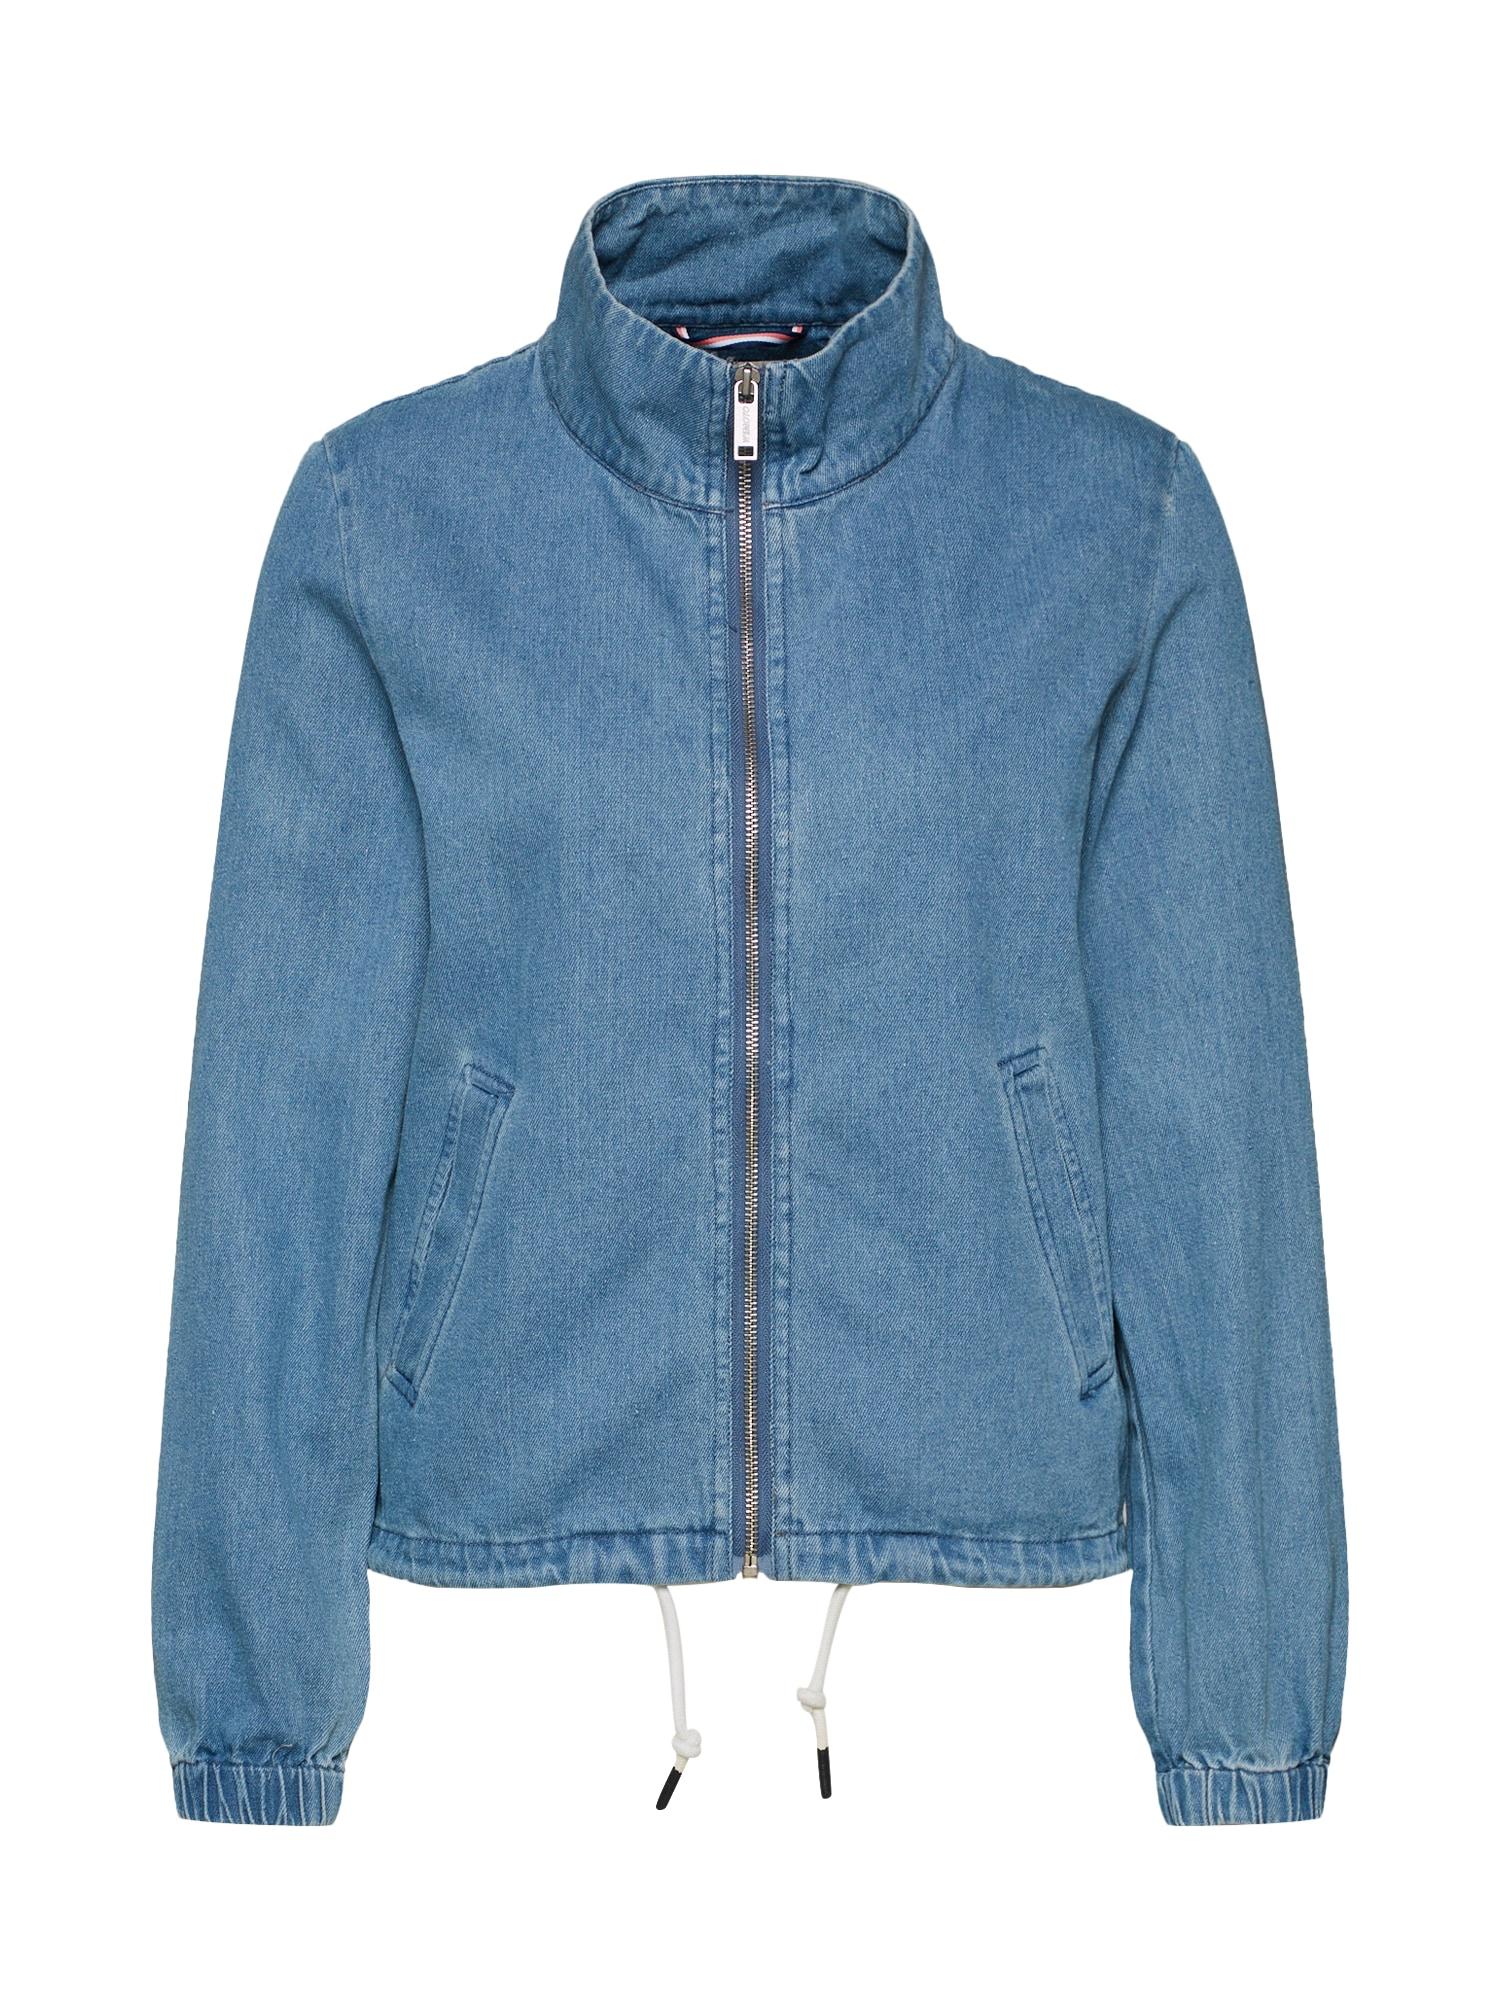 Přechodná bunda Amber modrá džínovina Wemoto